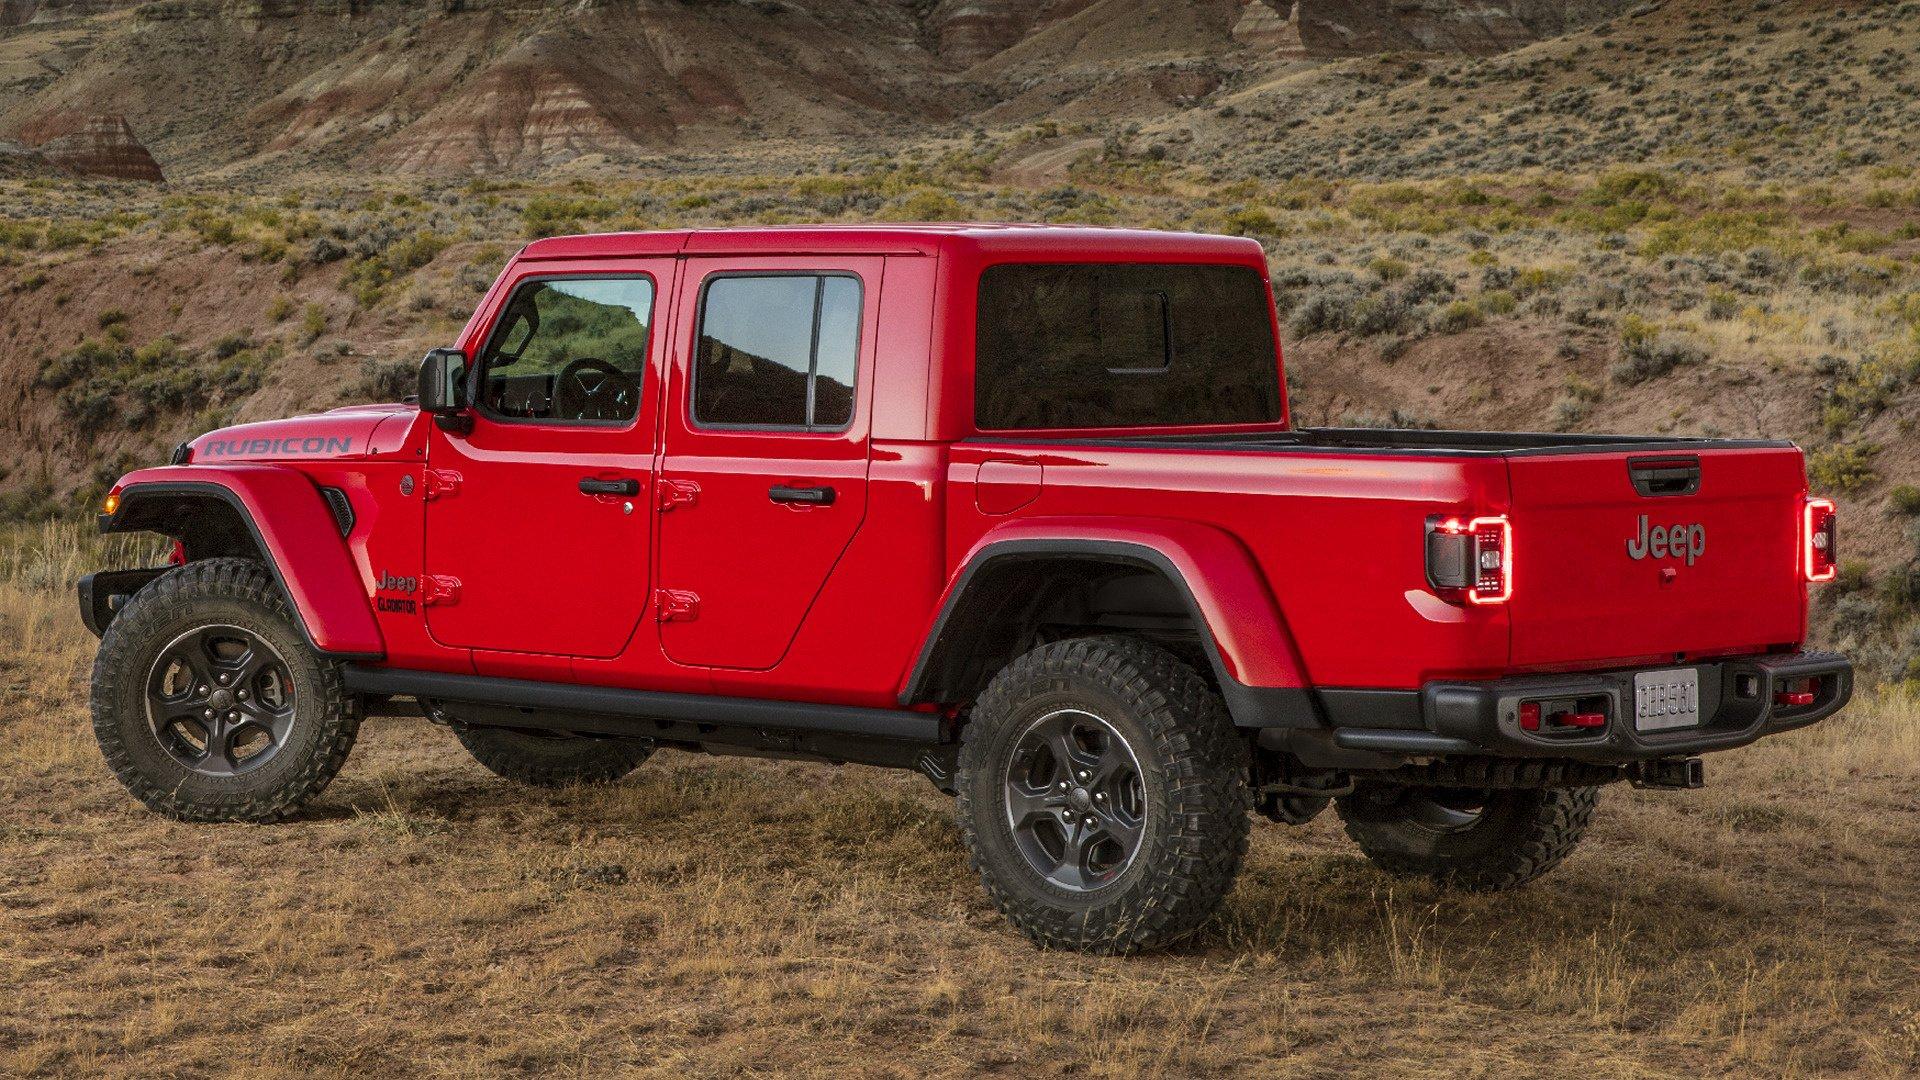 Forza-Horizon-4-Jeep-Gladiator-Rubicon